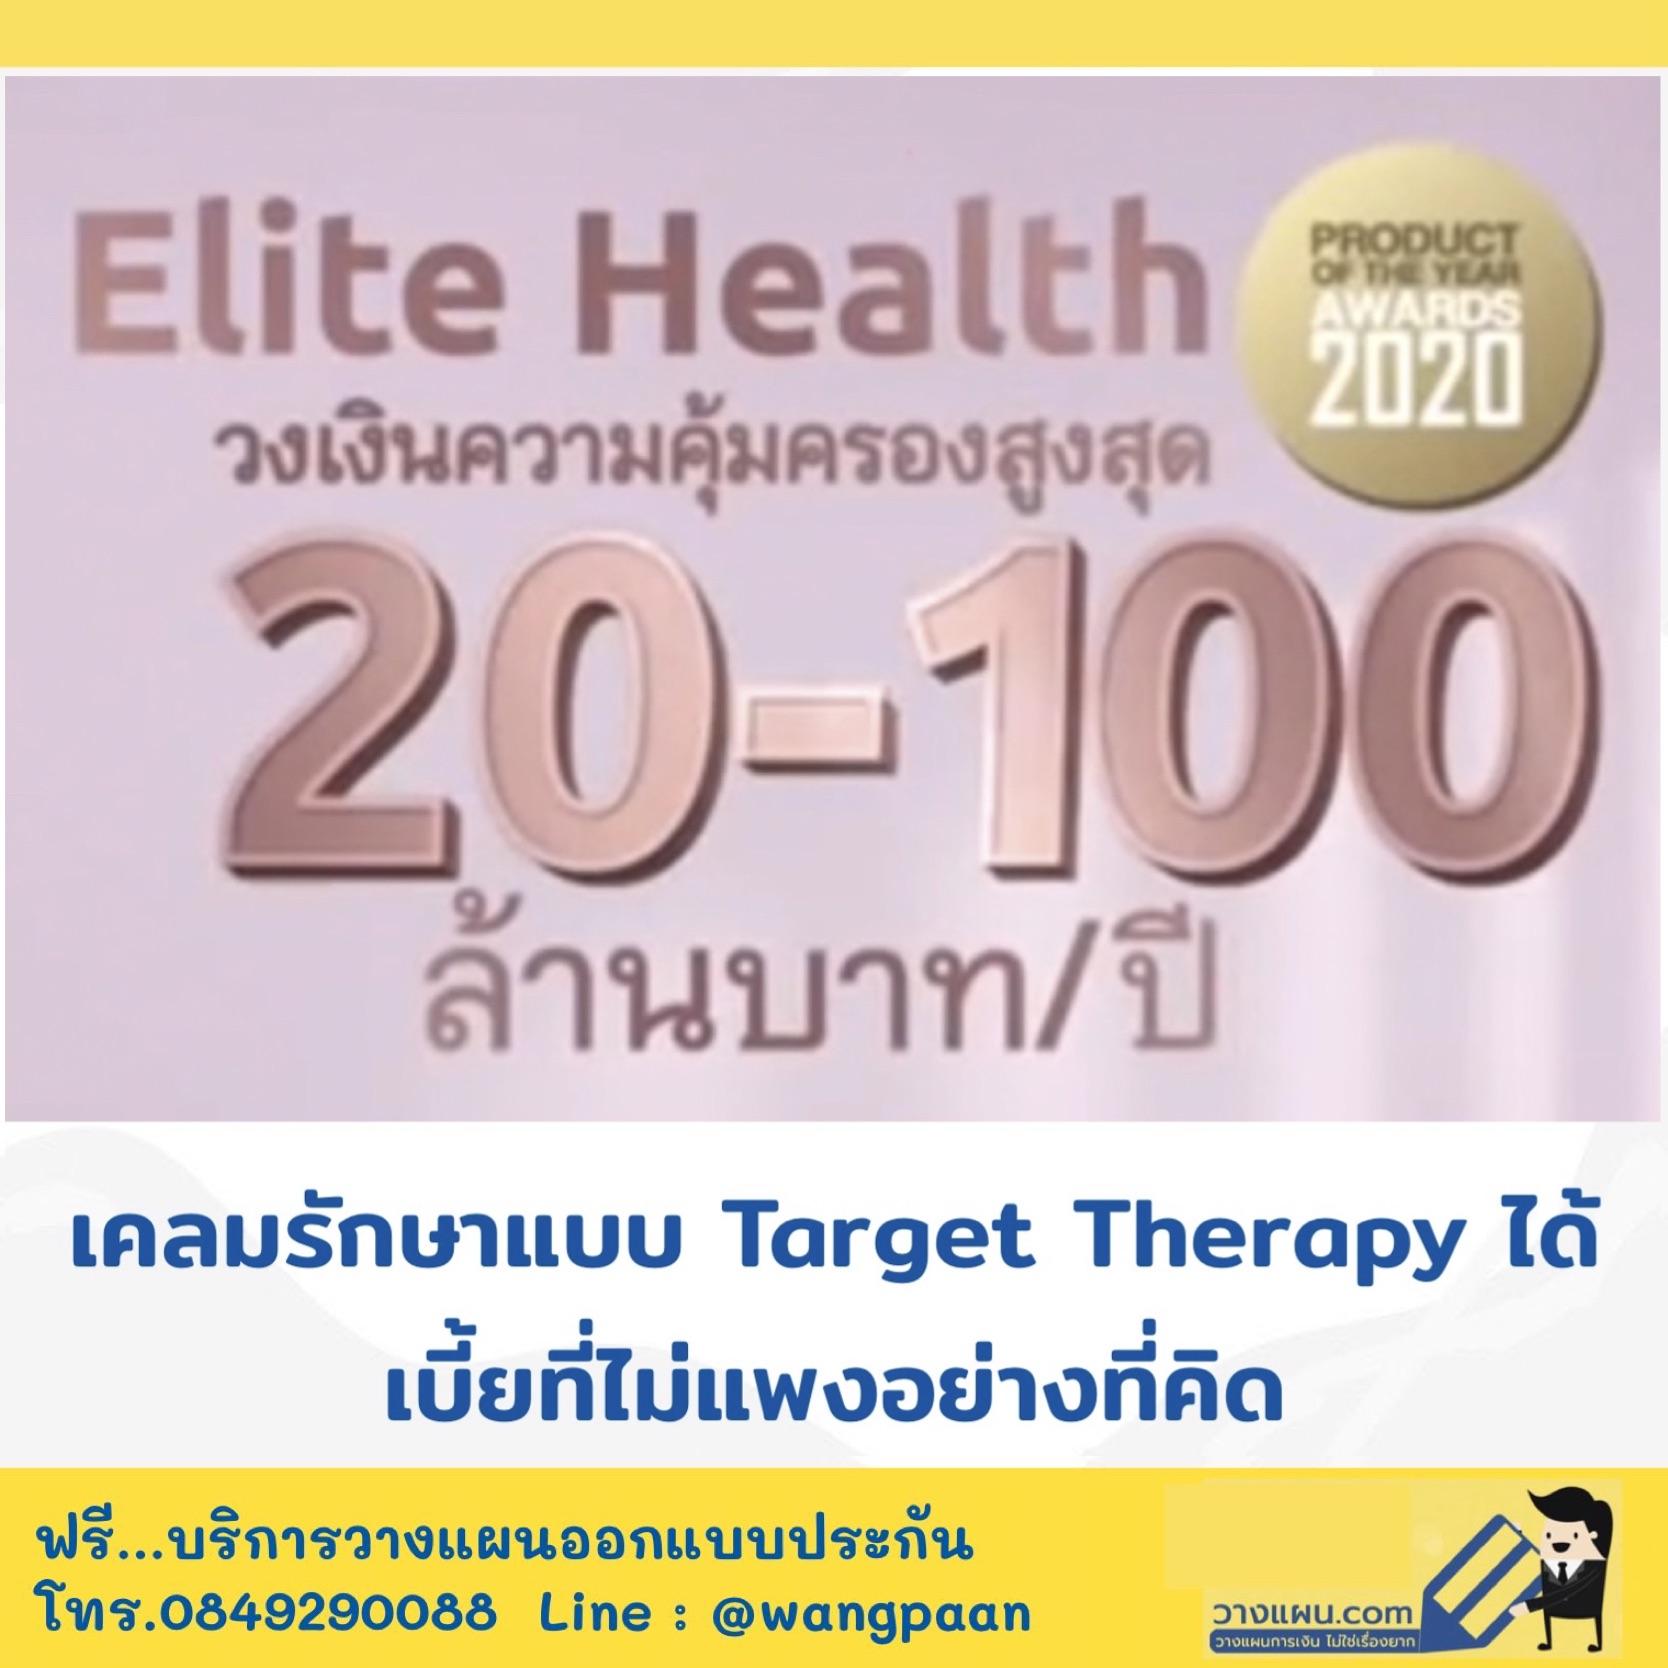 อีลิท เฮลท์  ประกันสุขภาพเหมาจ่ายระดับพรีเมี่ยม 20-100 ล้าน รางวัล Product of The Year